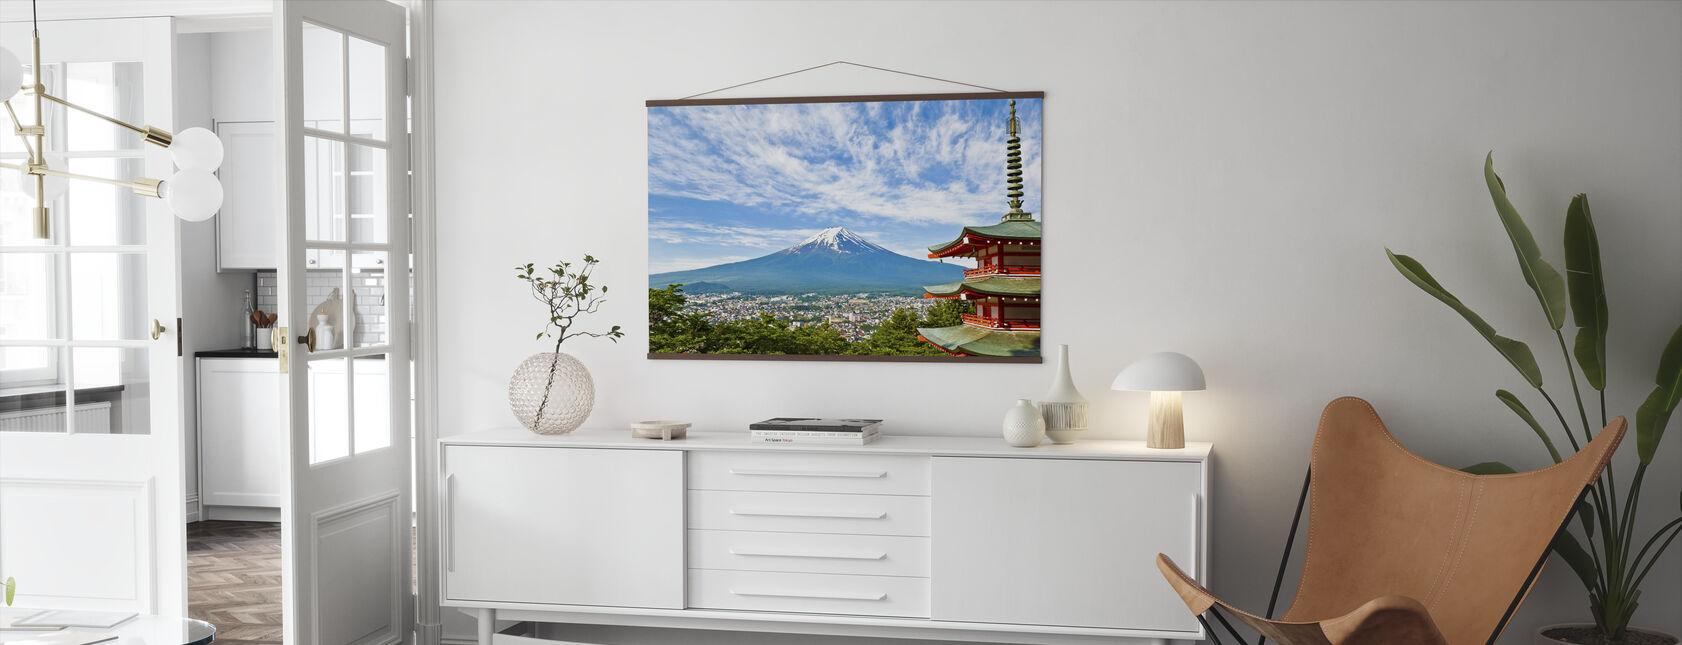 Ved foten av Mount Fuji - Plakat - Stue